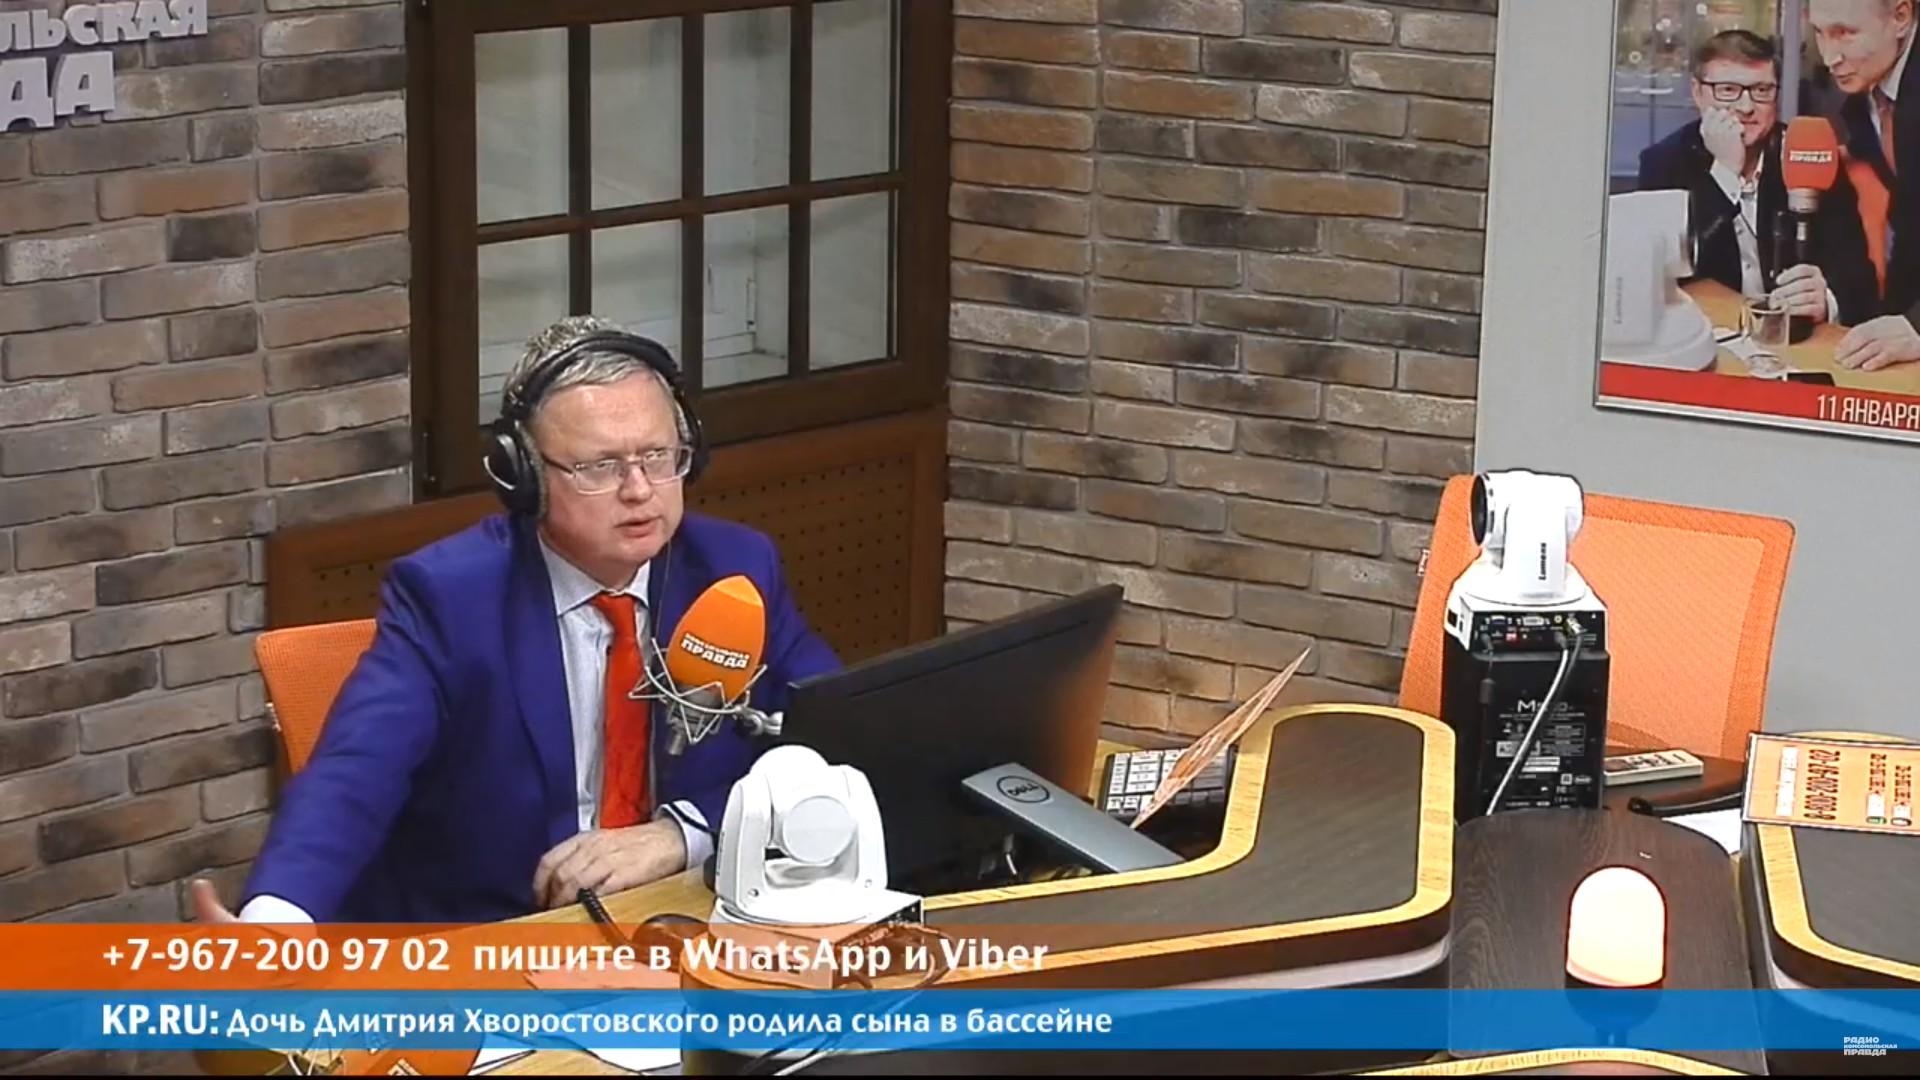 михаил делягин личные деньги на радио кп